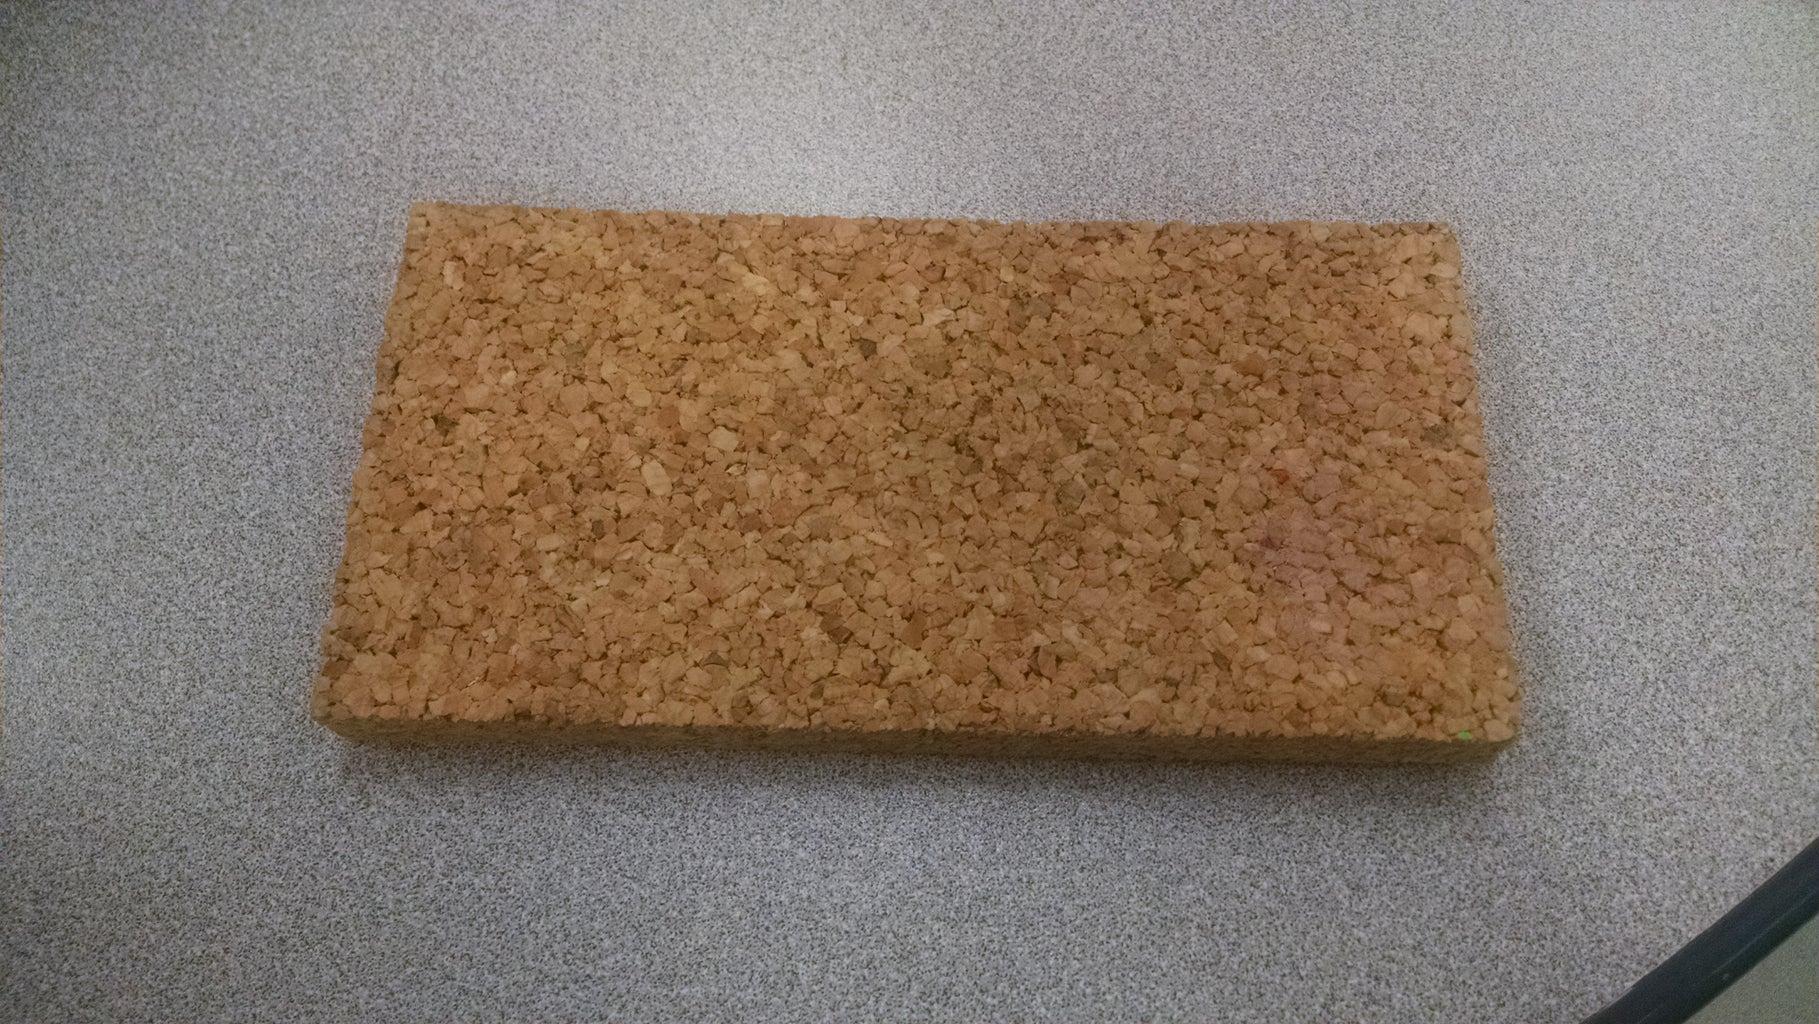 Cut the Cork Board